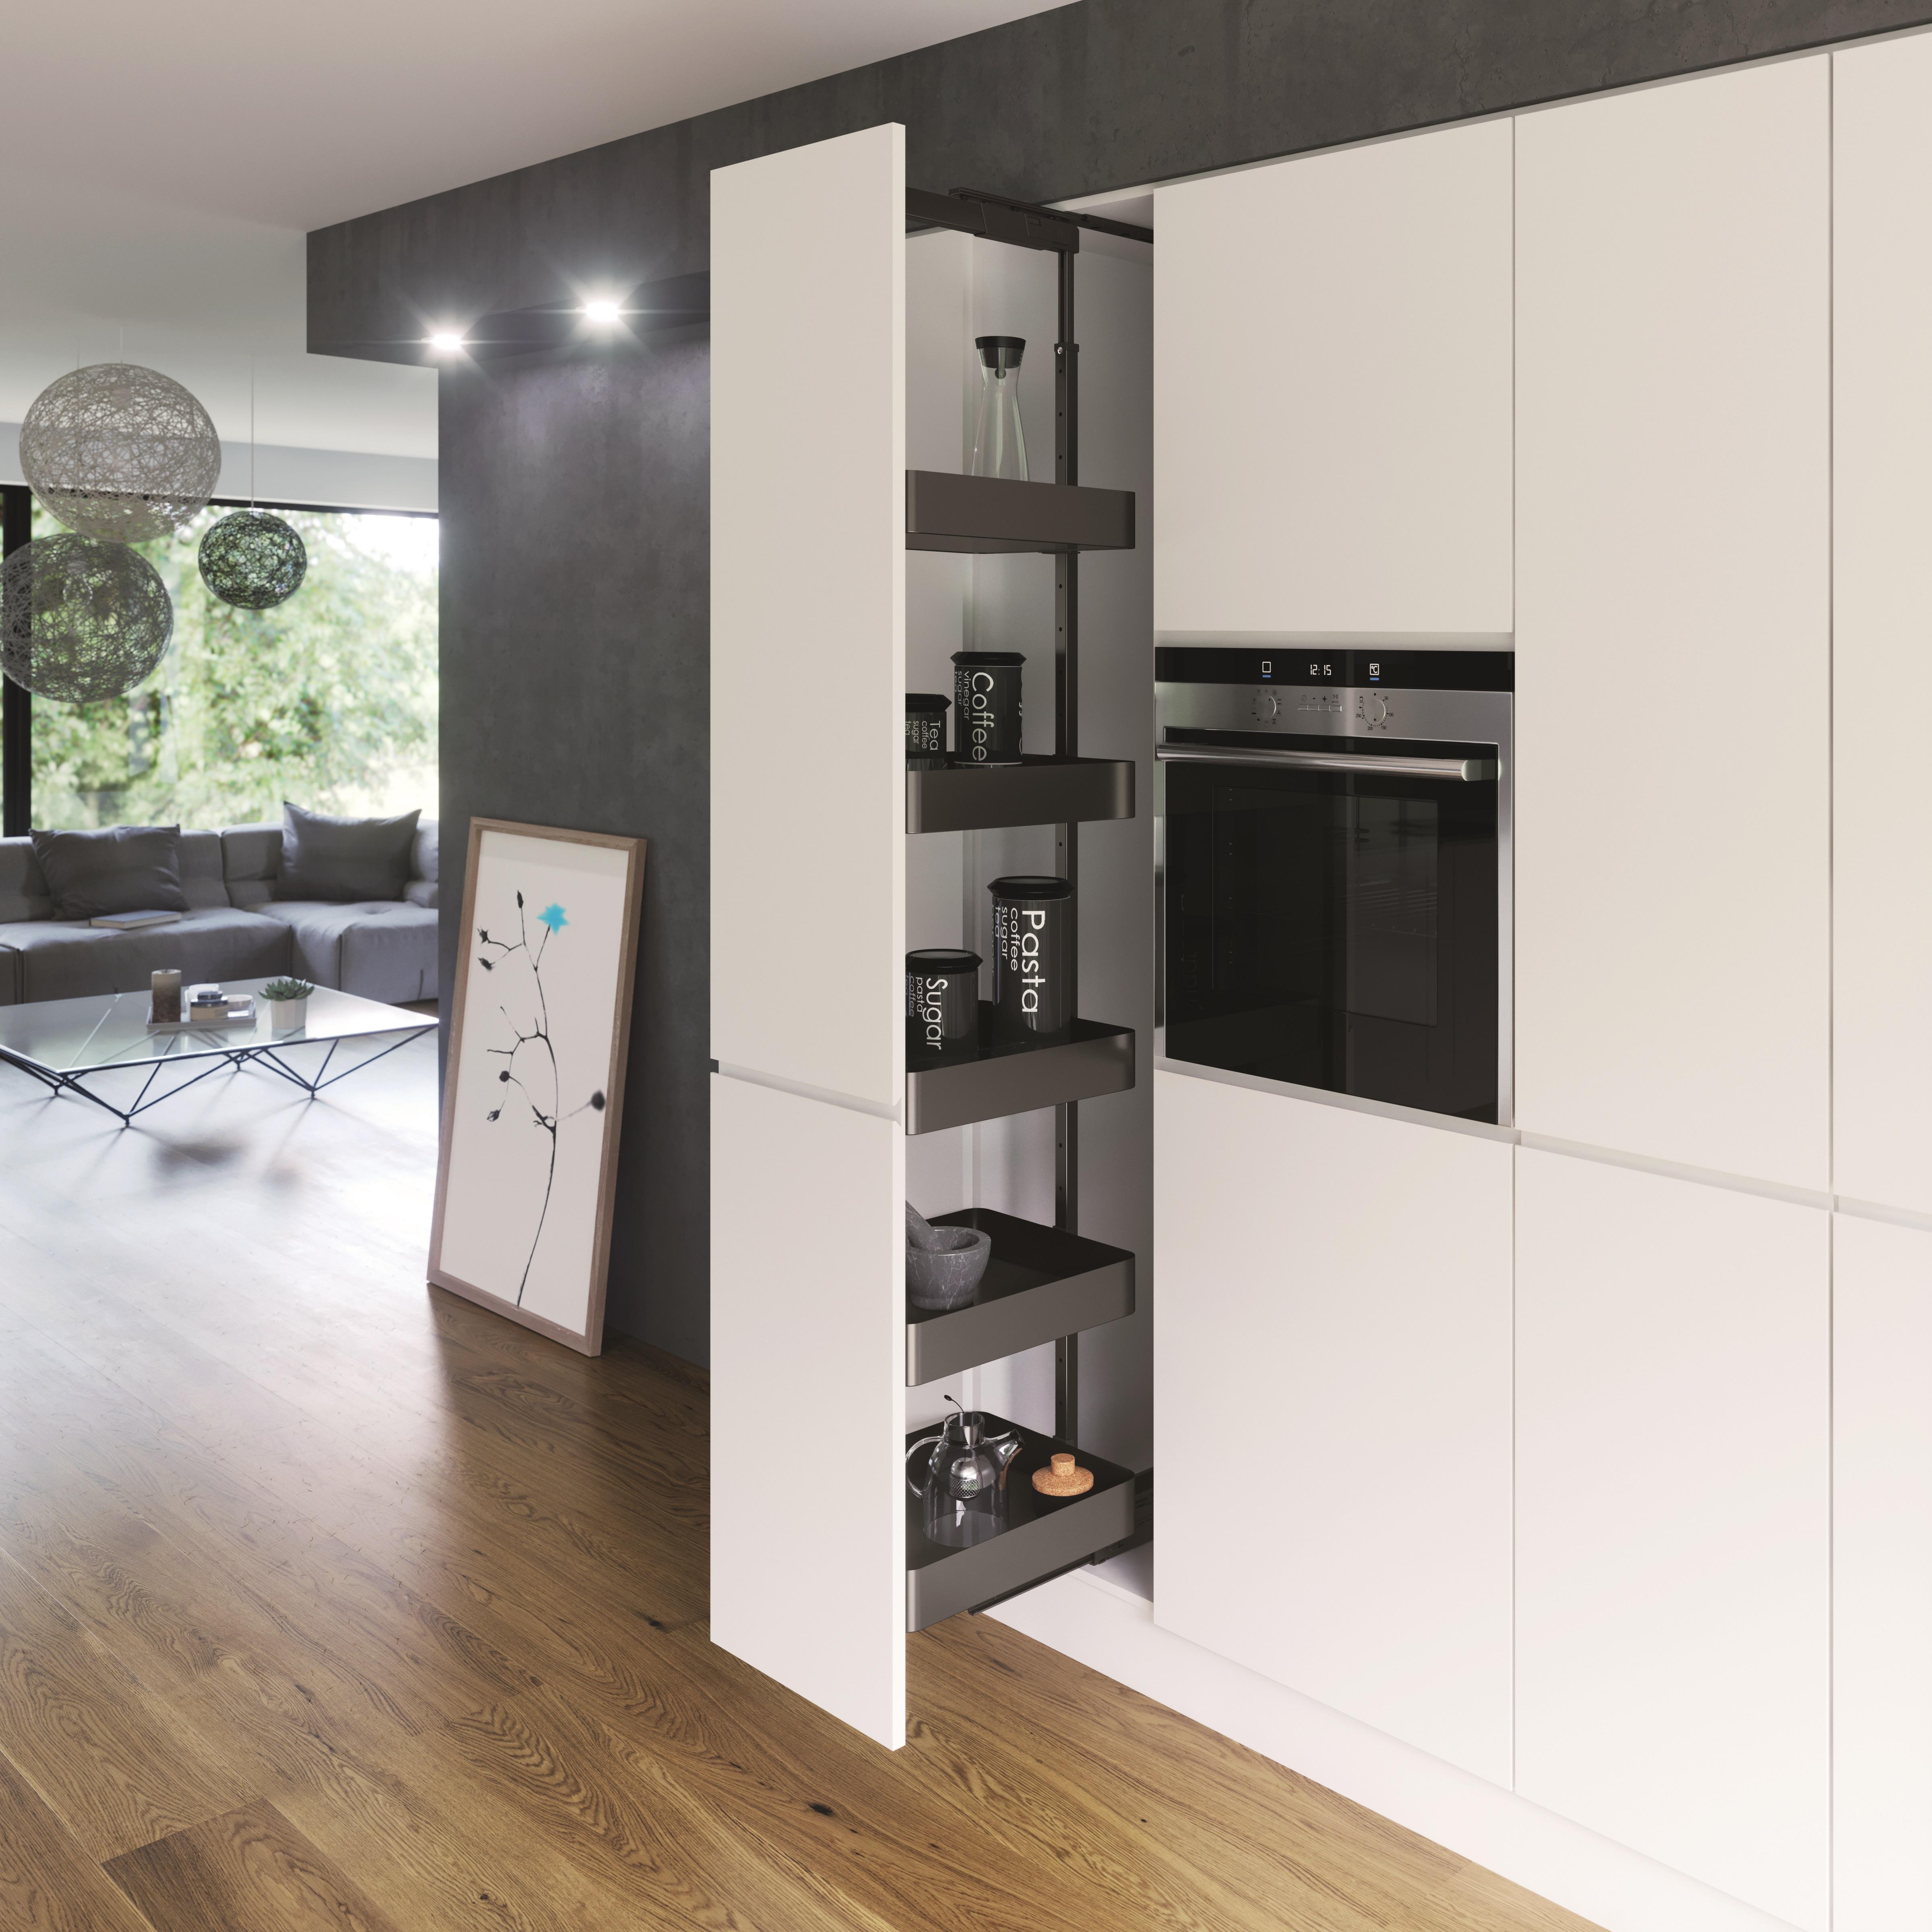 vauth sagel sorgt f r perfekten lauf im bereich hochschrankausz ge umaxo. Black Bedroom Furniture Sets. Home Design Ideas